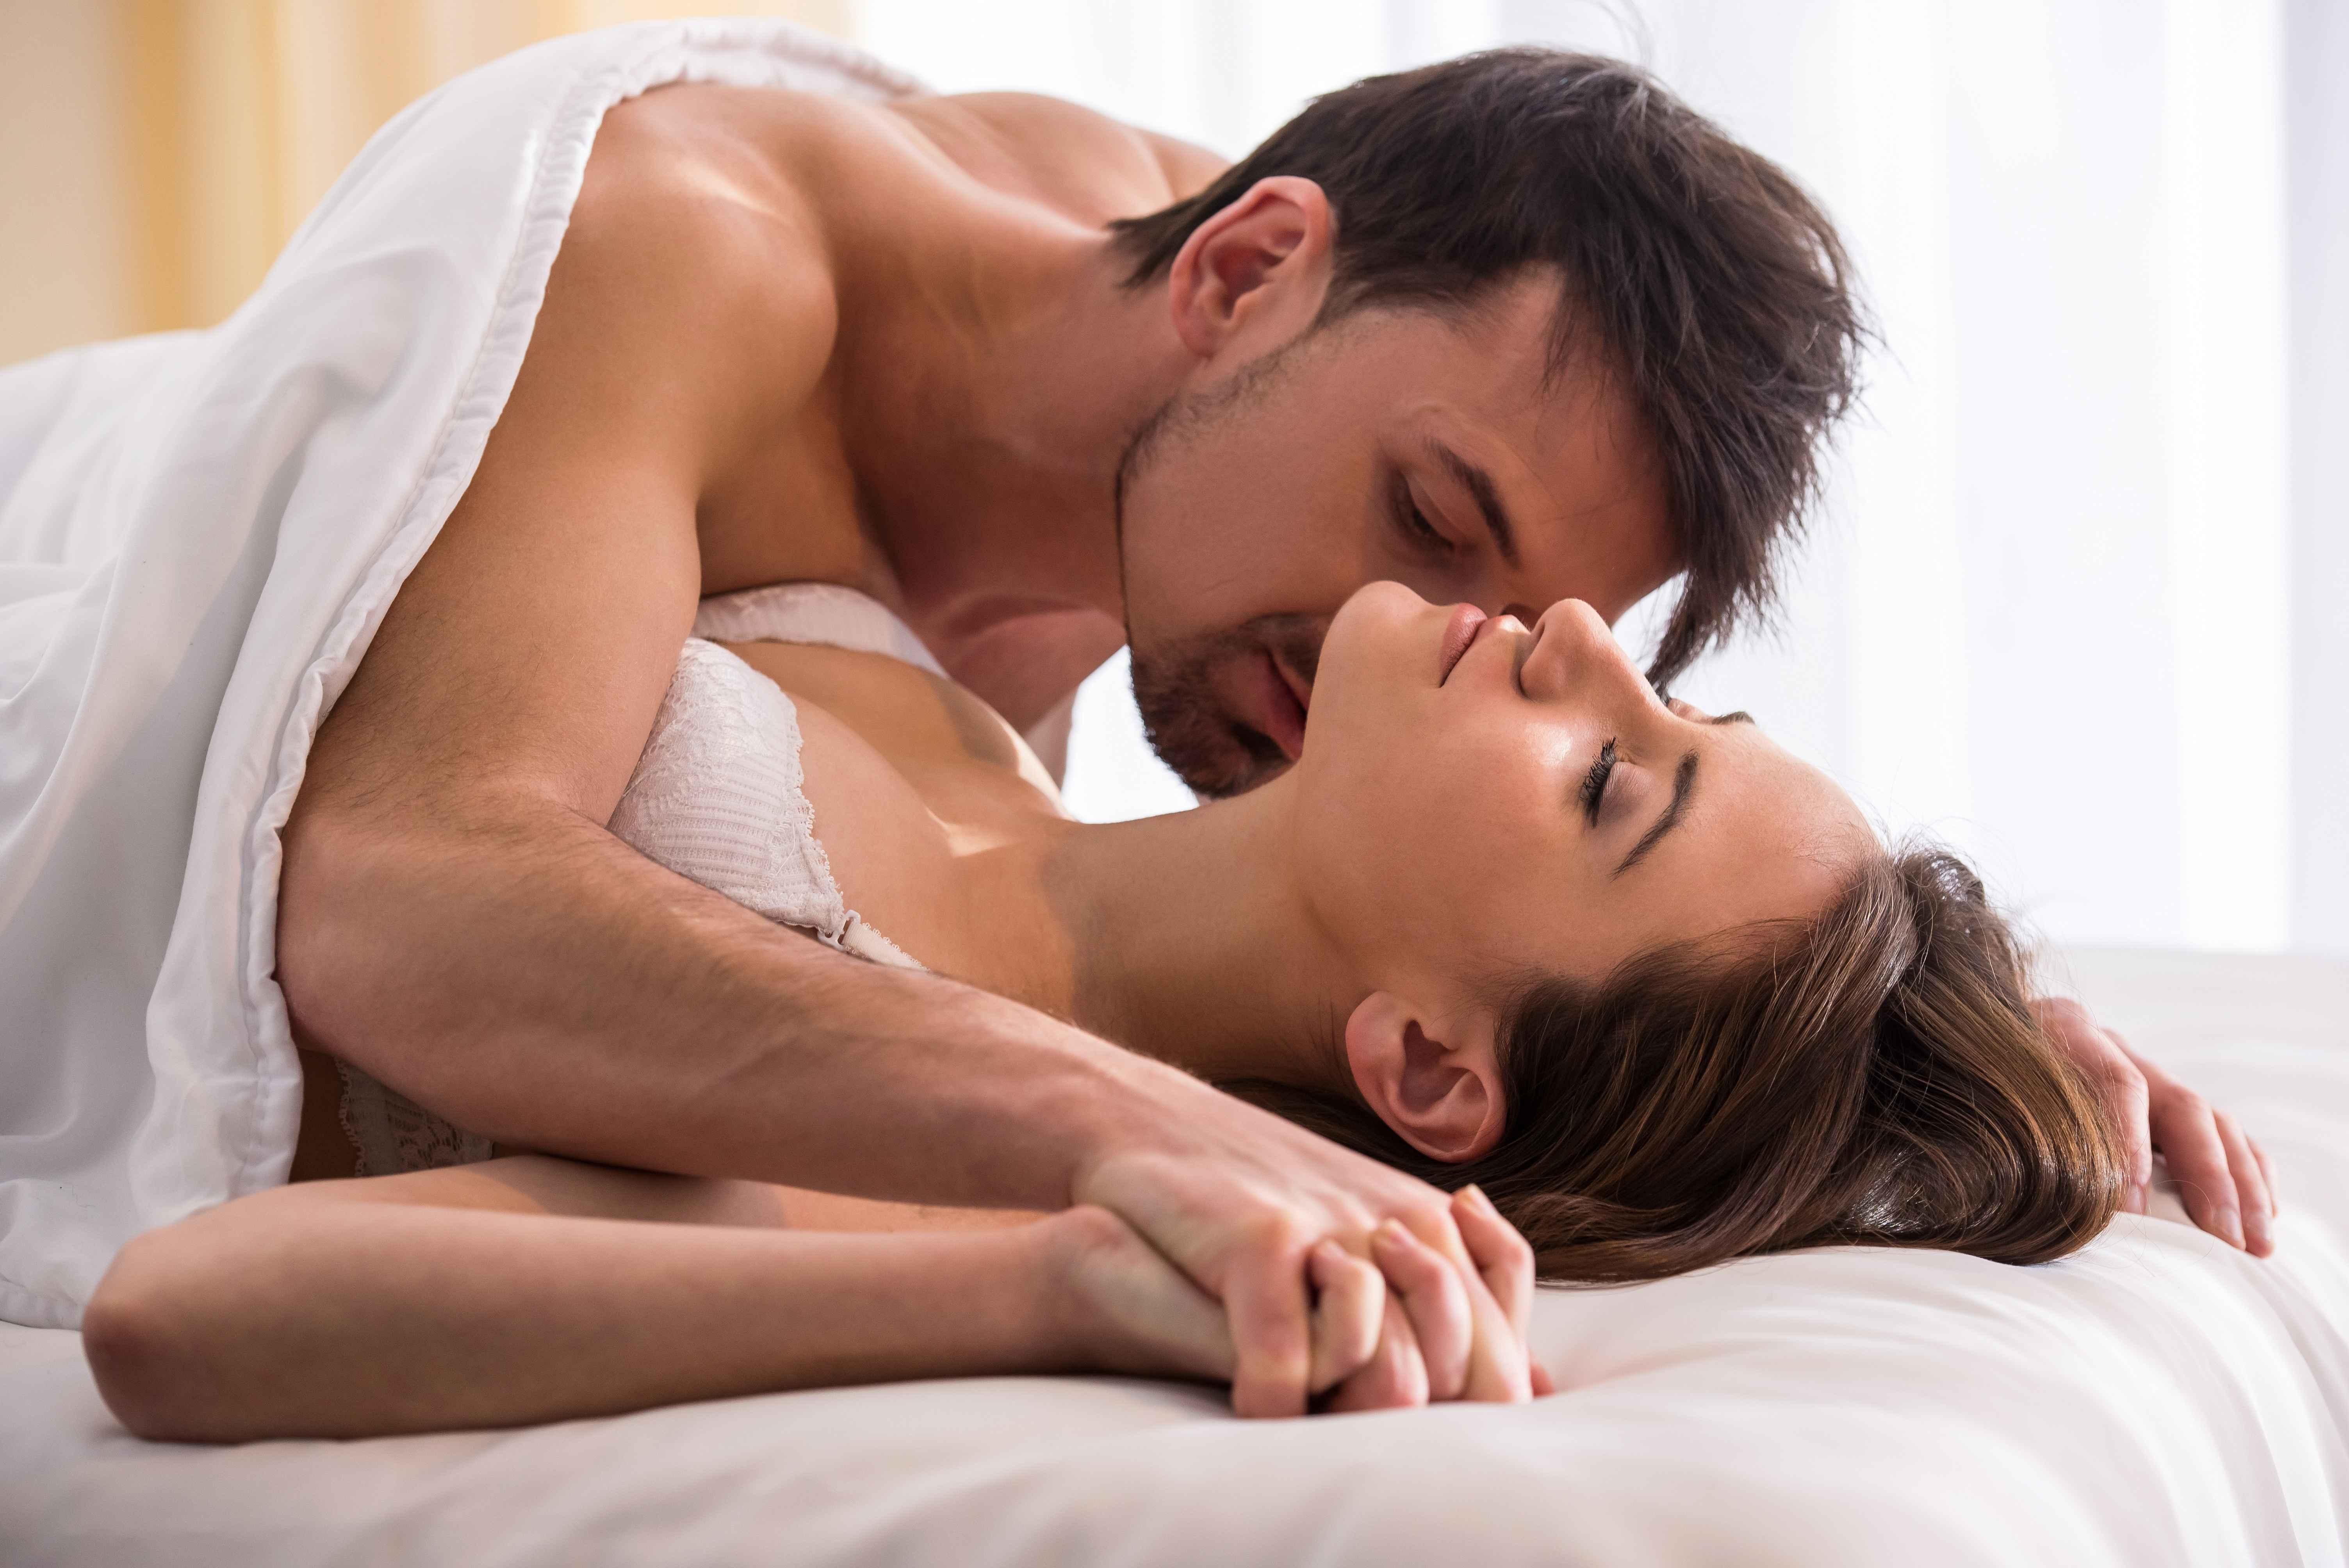 没想到夫妻性生活能预防这么多疾病,涨知识了!